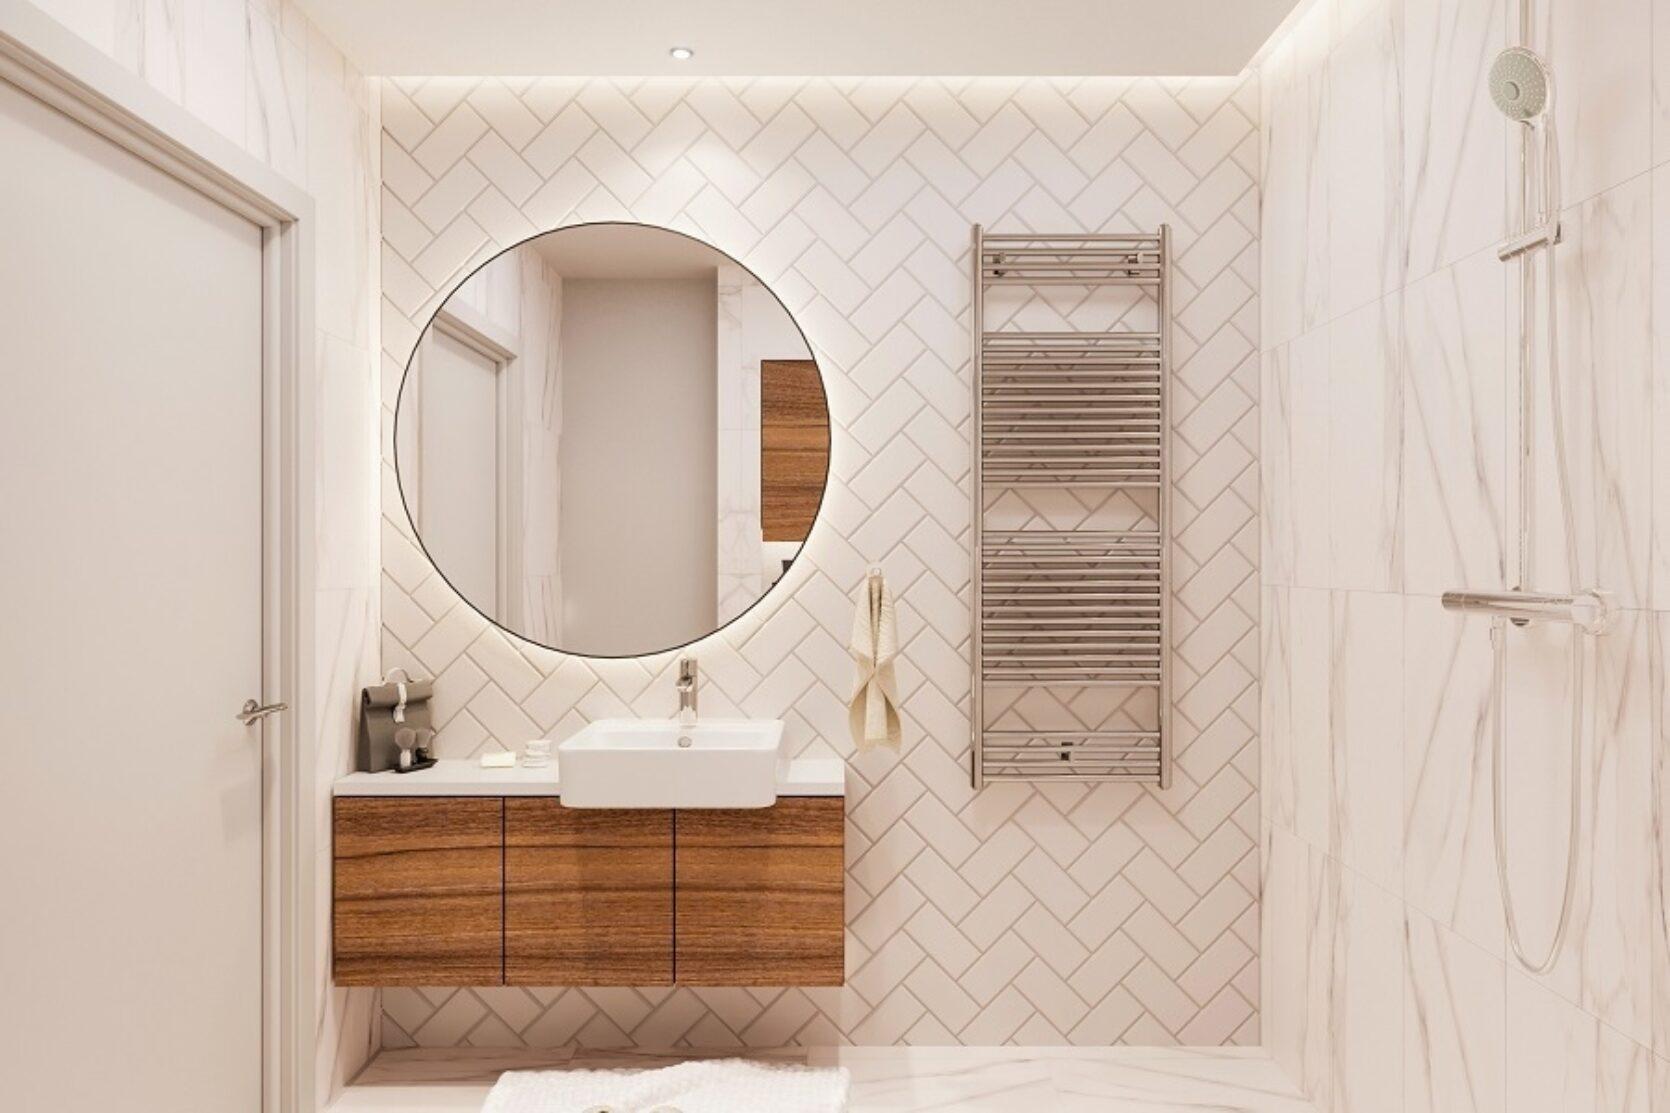 Baderom med hvite fliser på veggene, stort rundt speil over vask og dusj montert på veggen.